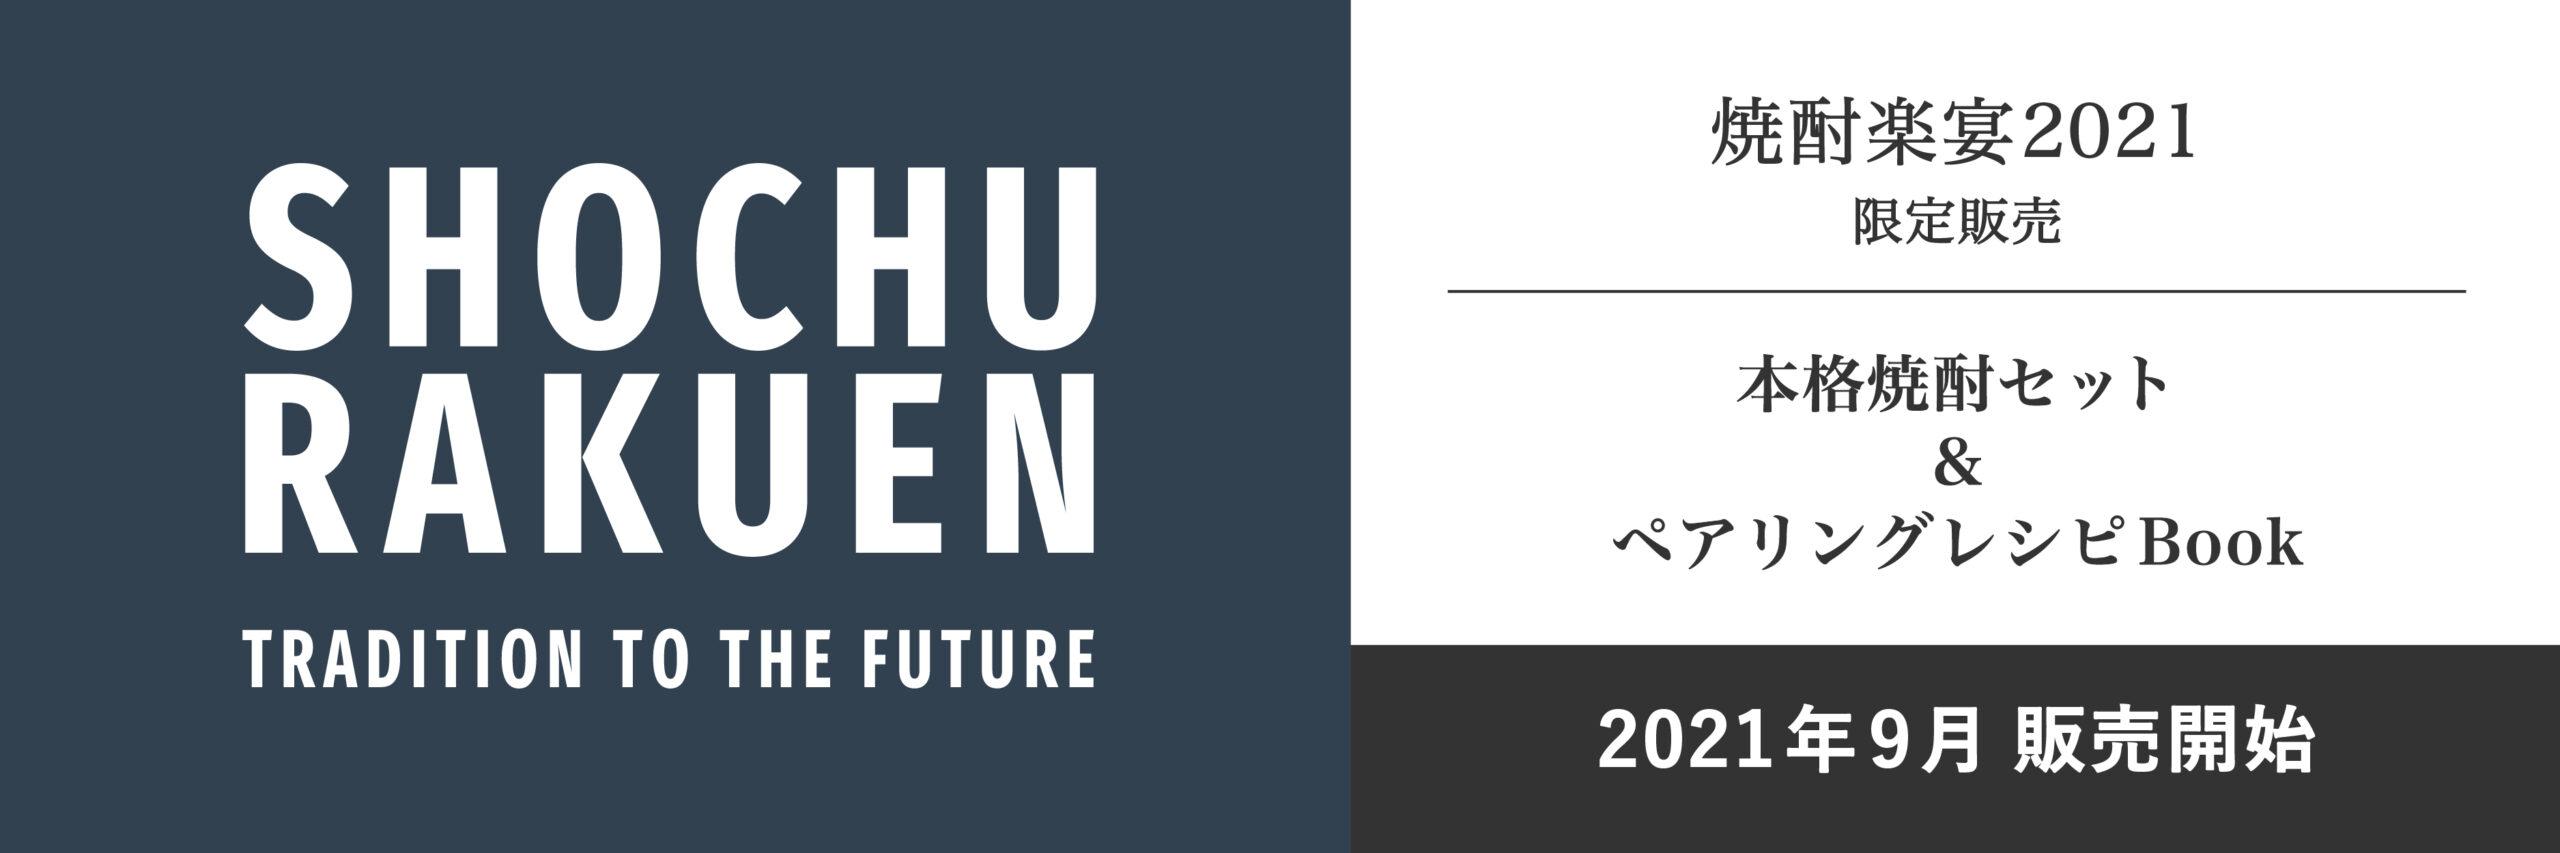 焼酎楽宴2021サイトへ戻る